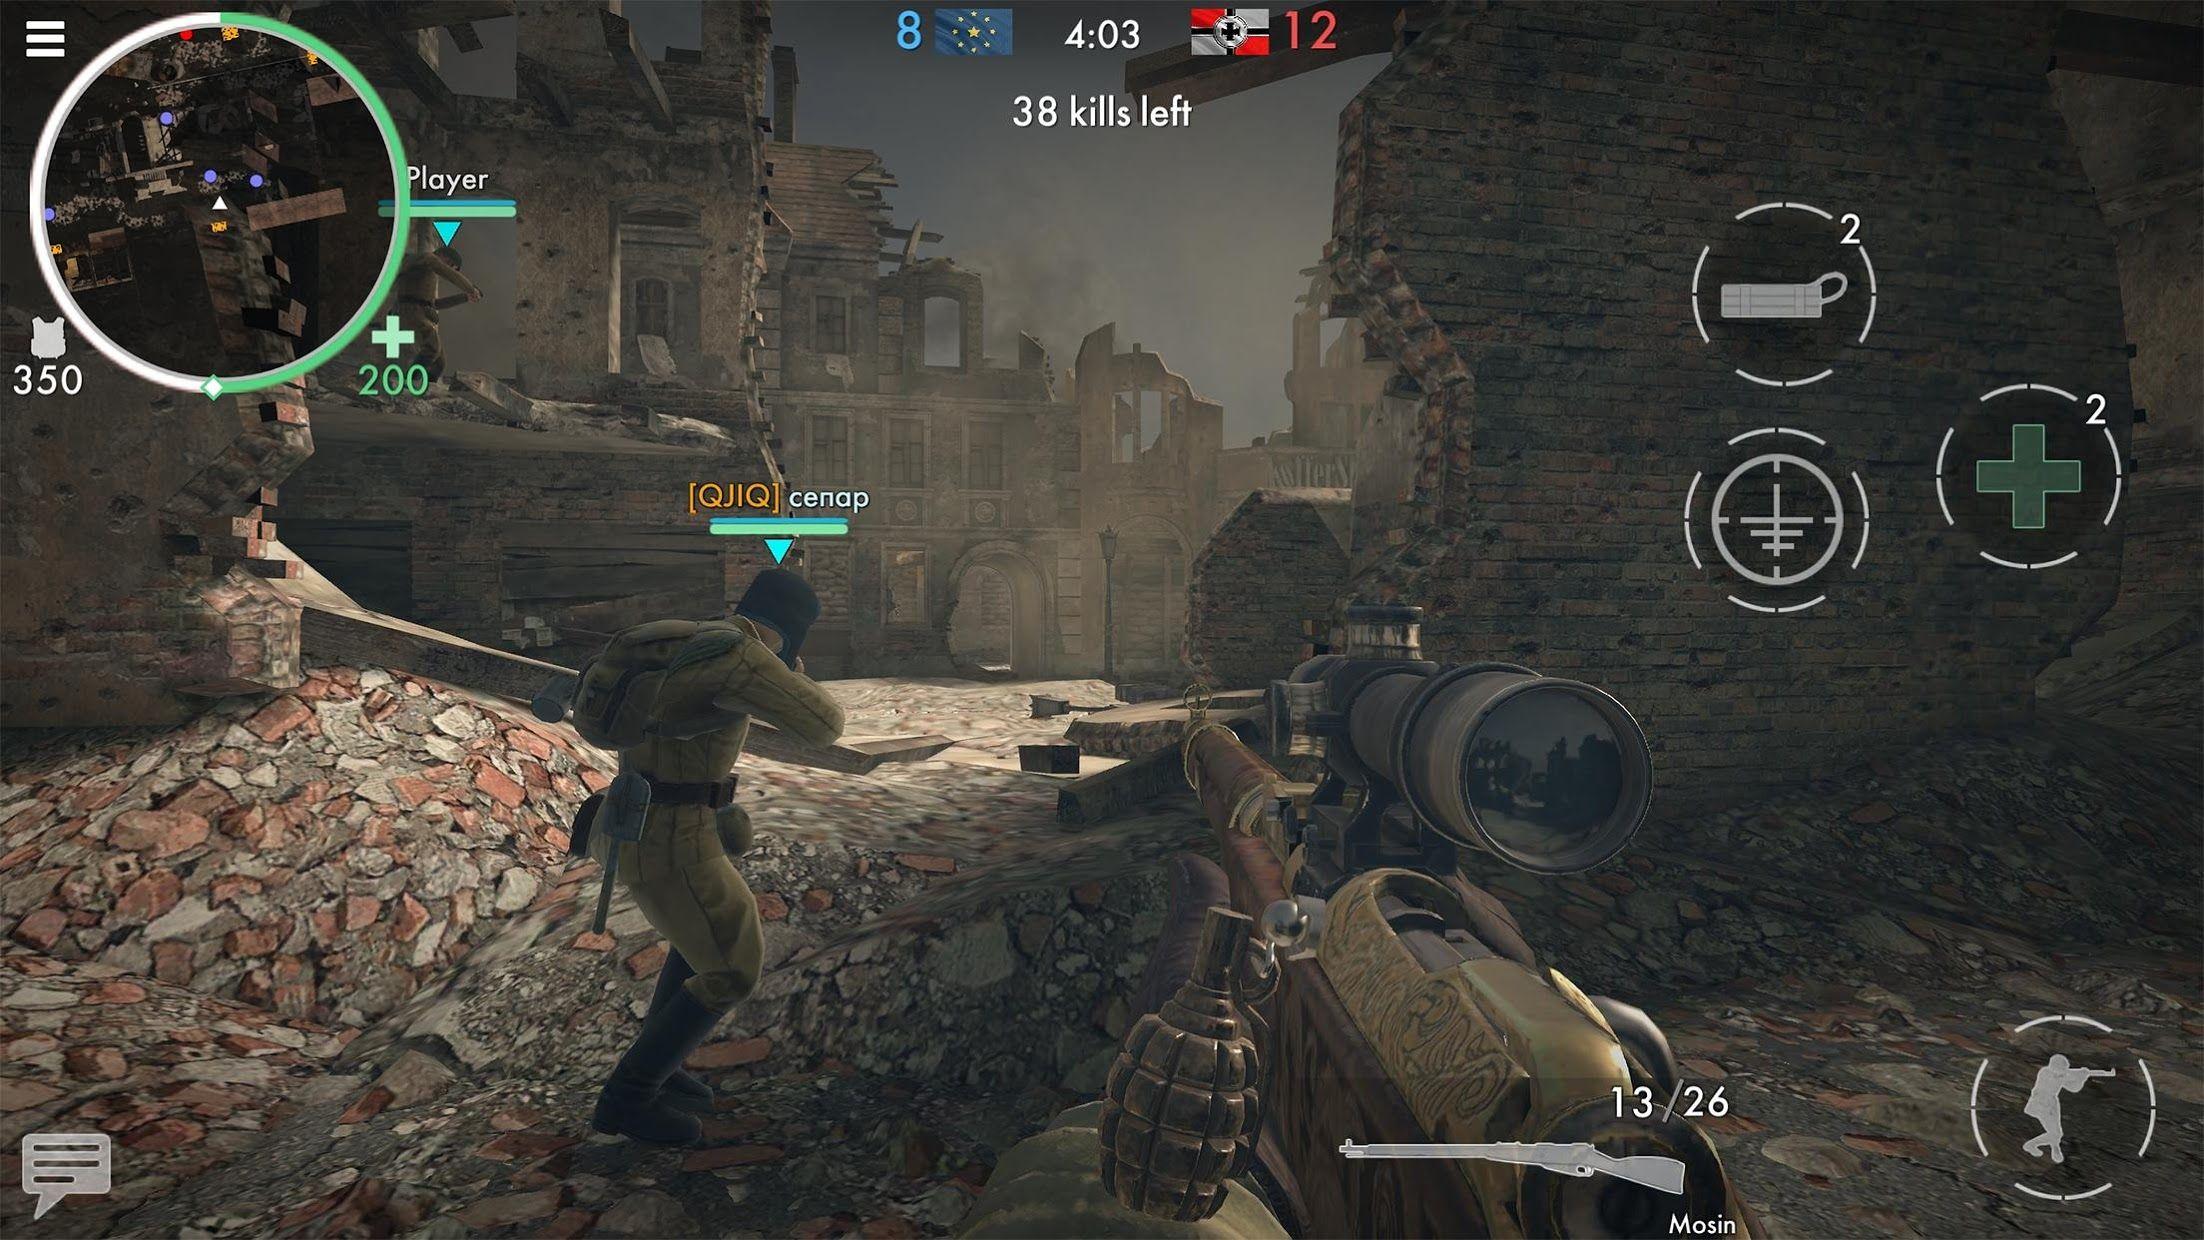 世界战争 - 英雄 游戏截图3